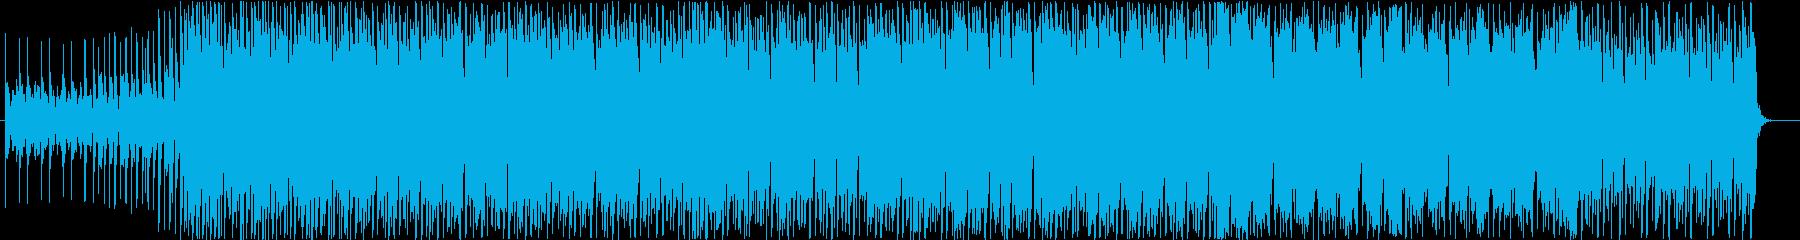 悪巧みしてる時のテーマ(テクノ/ハウス)の再生済みの波形